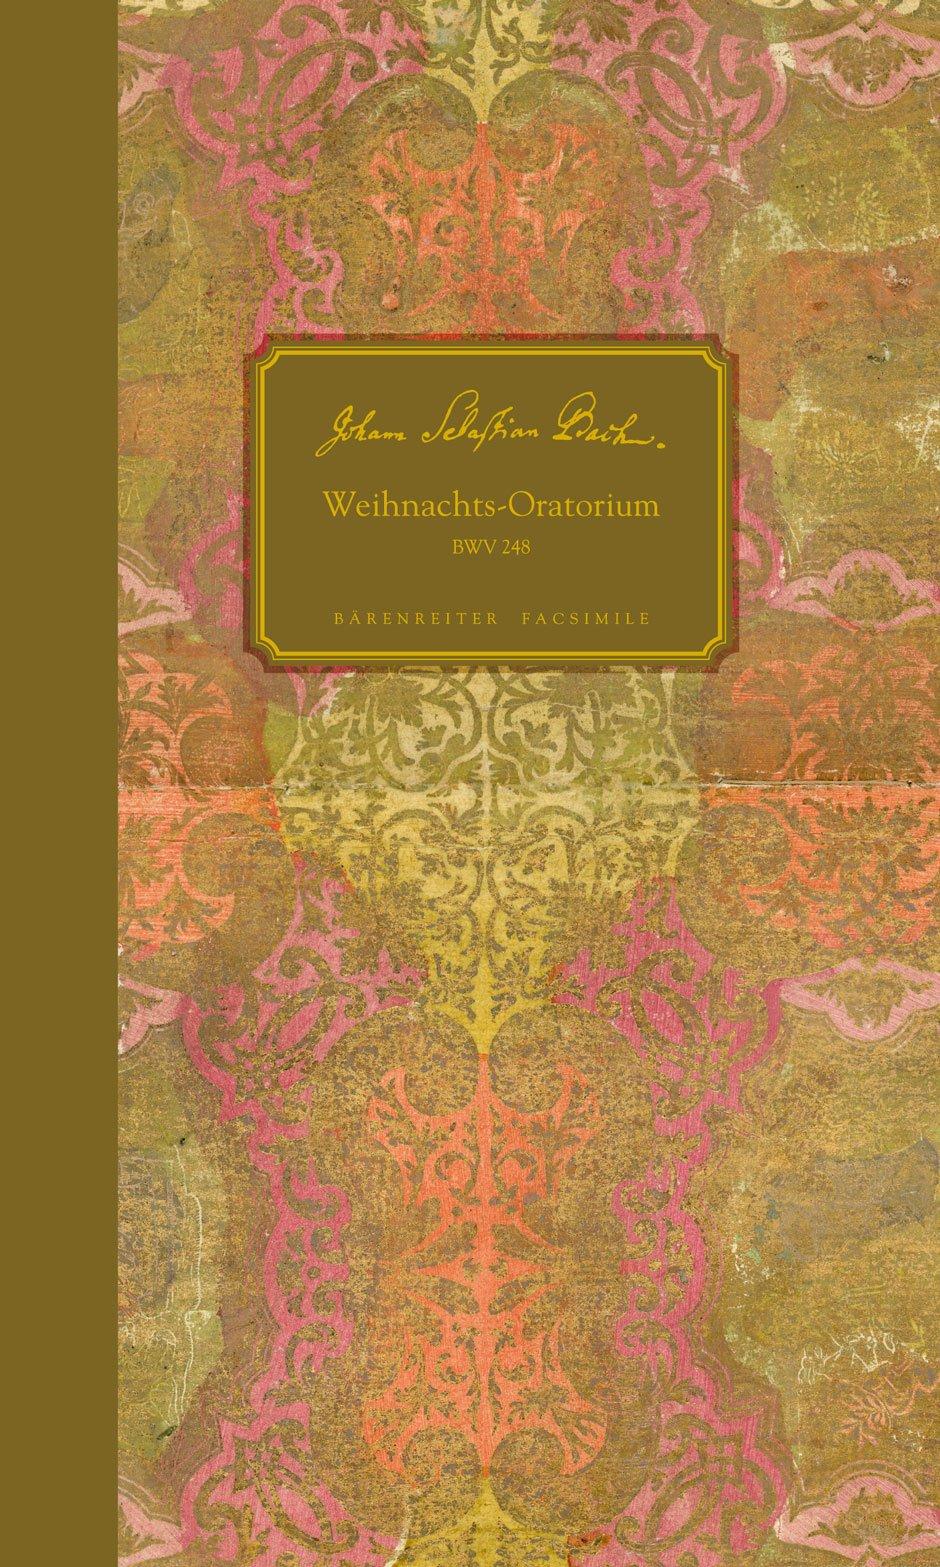 Weihnachts-Oratorium BWV 248 (Faksimile der autographen Partitur in der Staatsbibliothek zu Berlin - Preußischer Kulturbesitz, Musikabteilung mit ... musicologica II/54 / Bärenreiter Facsimile